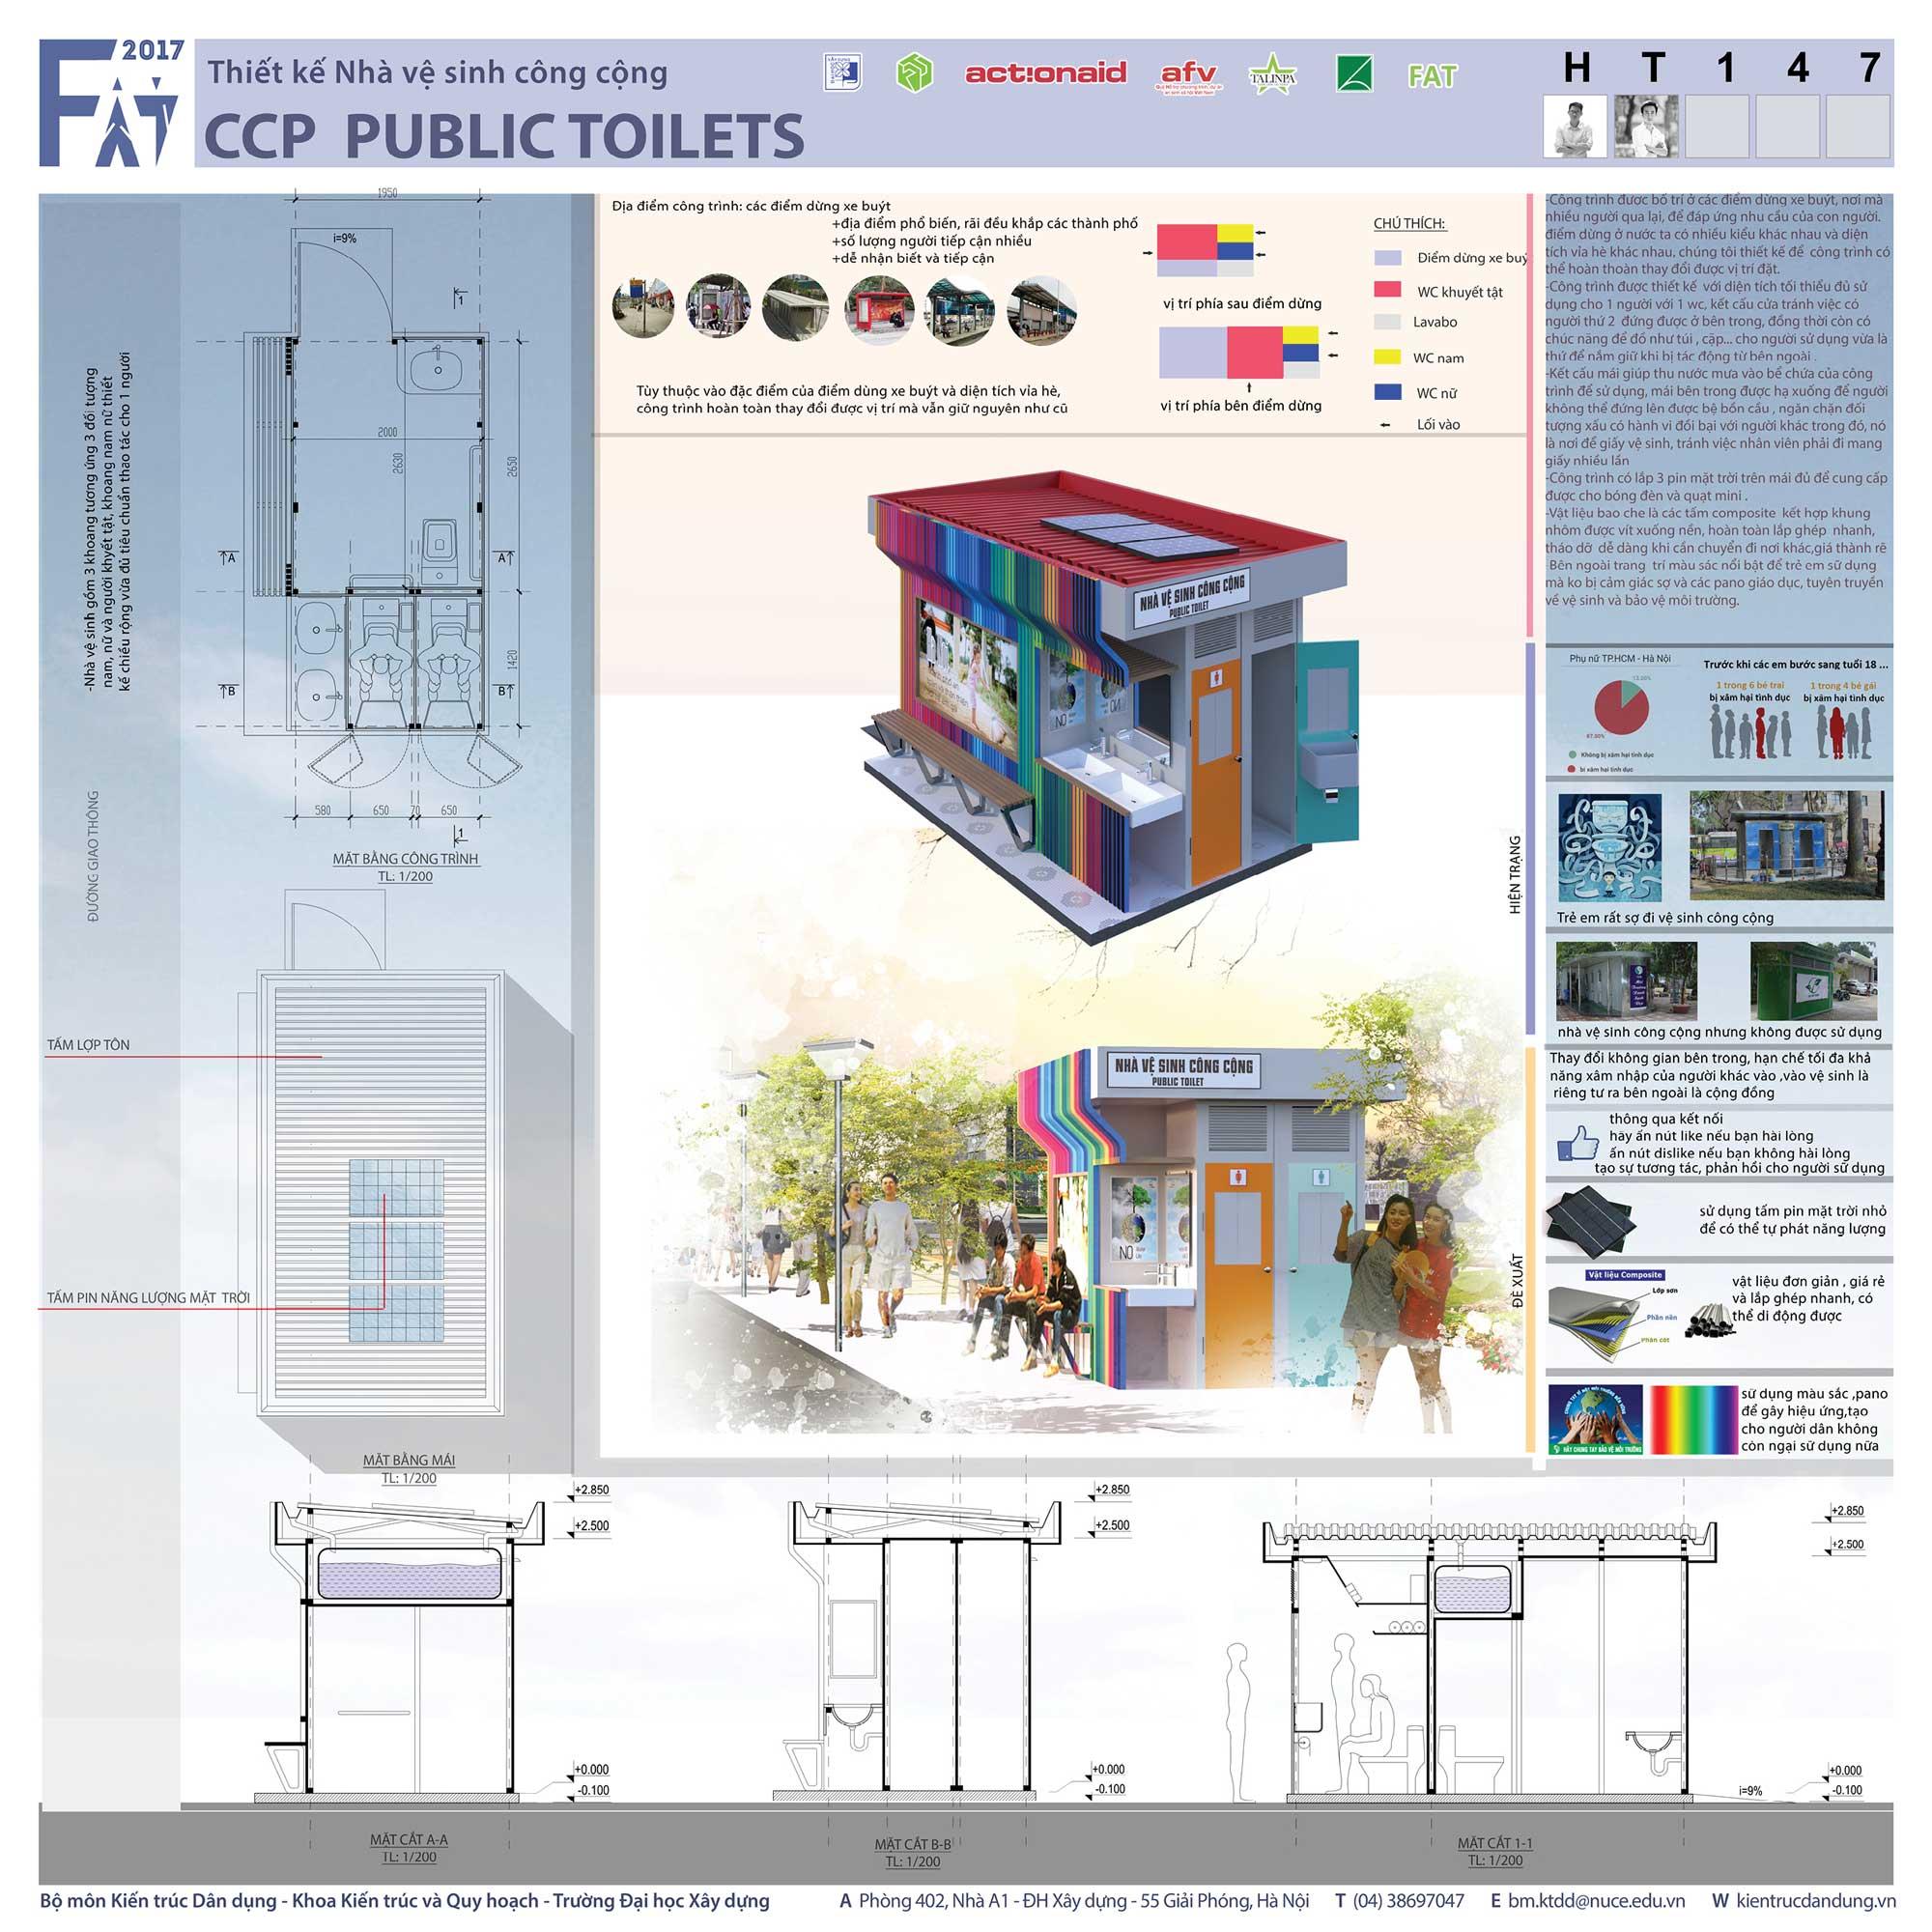 Giải Khuyến Khích - CCP Public toilets (mã số HT147)